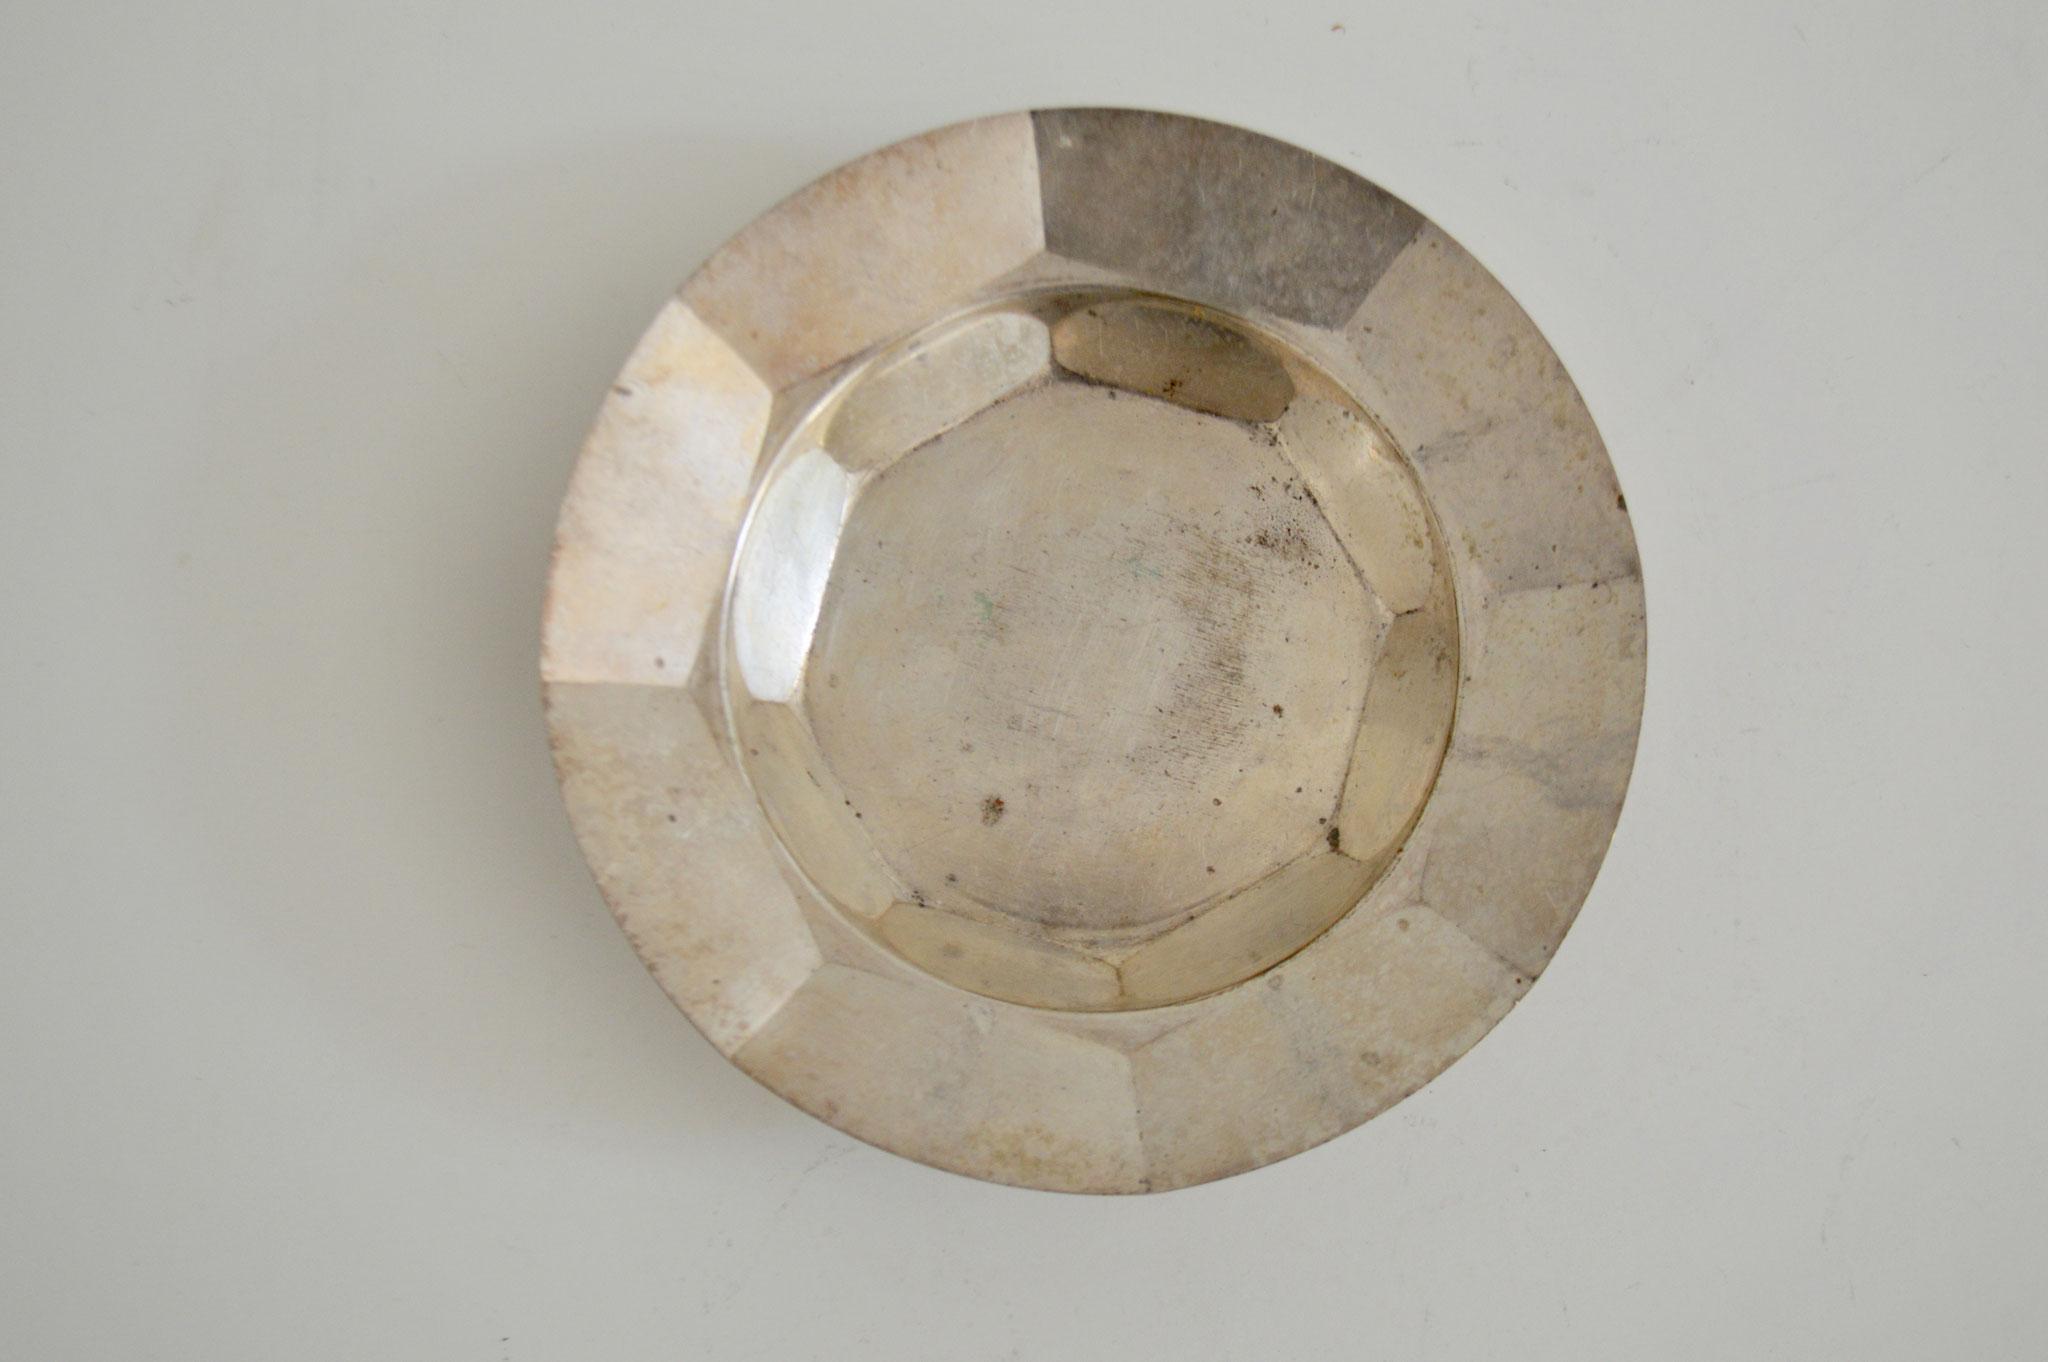 N) €3, Durchmesser ca. 17 cm